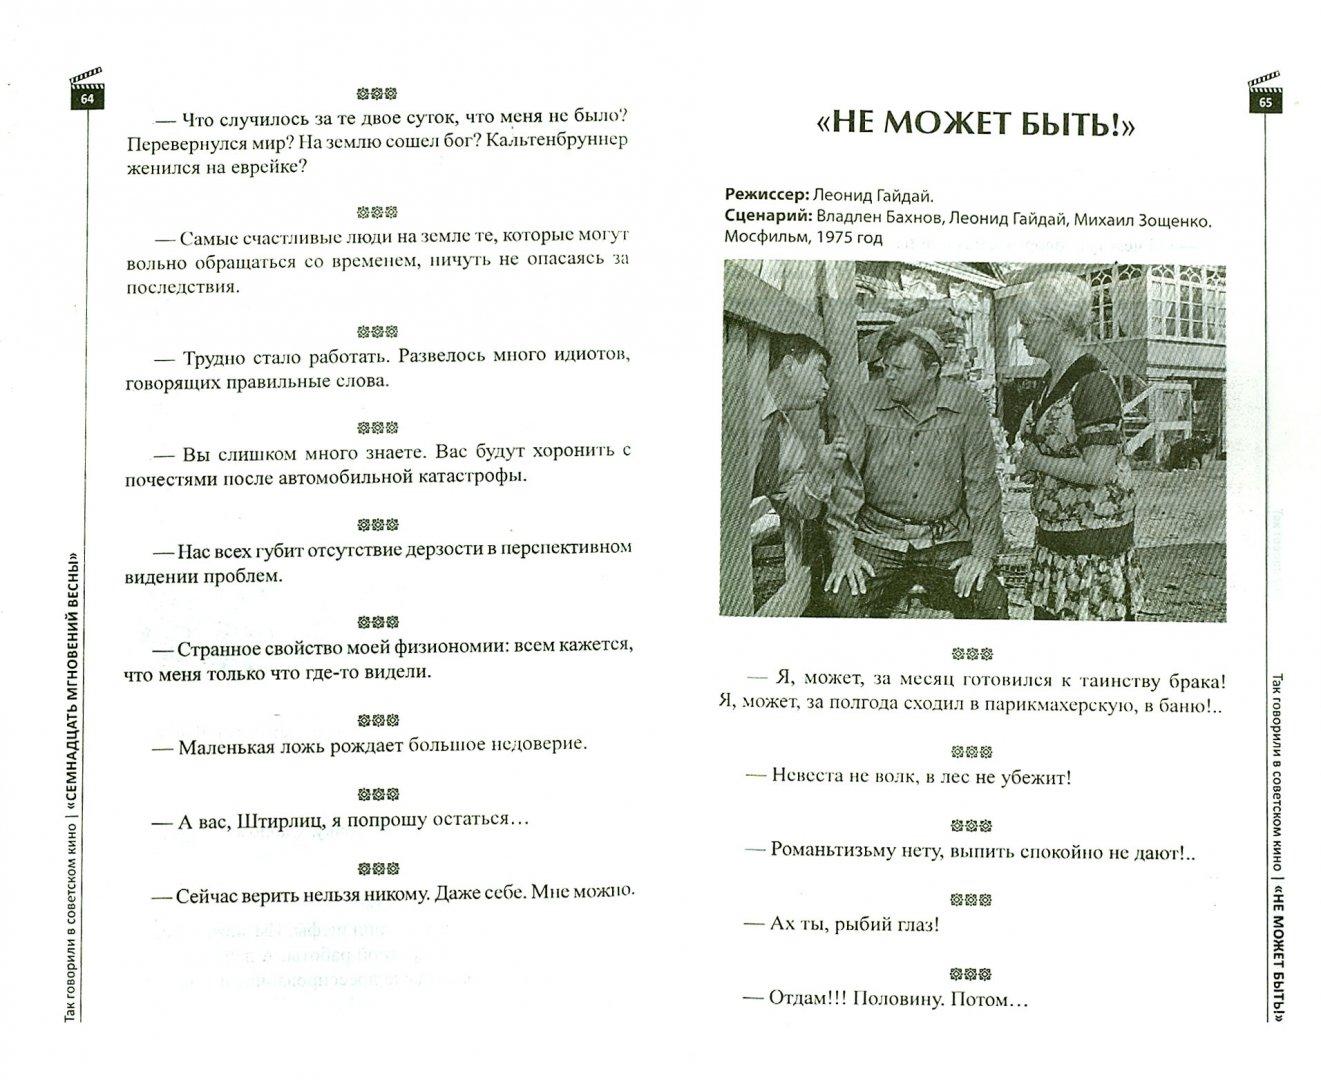 Иллюстрация 1 из 14 для Так говорили в советском кино - Елена Андрианова | Лабиринт - книги. Источник: Лабиринт